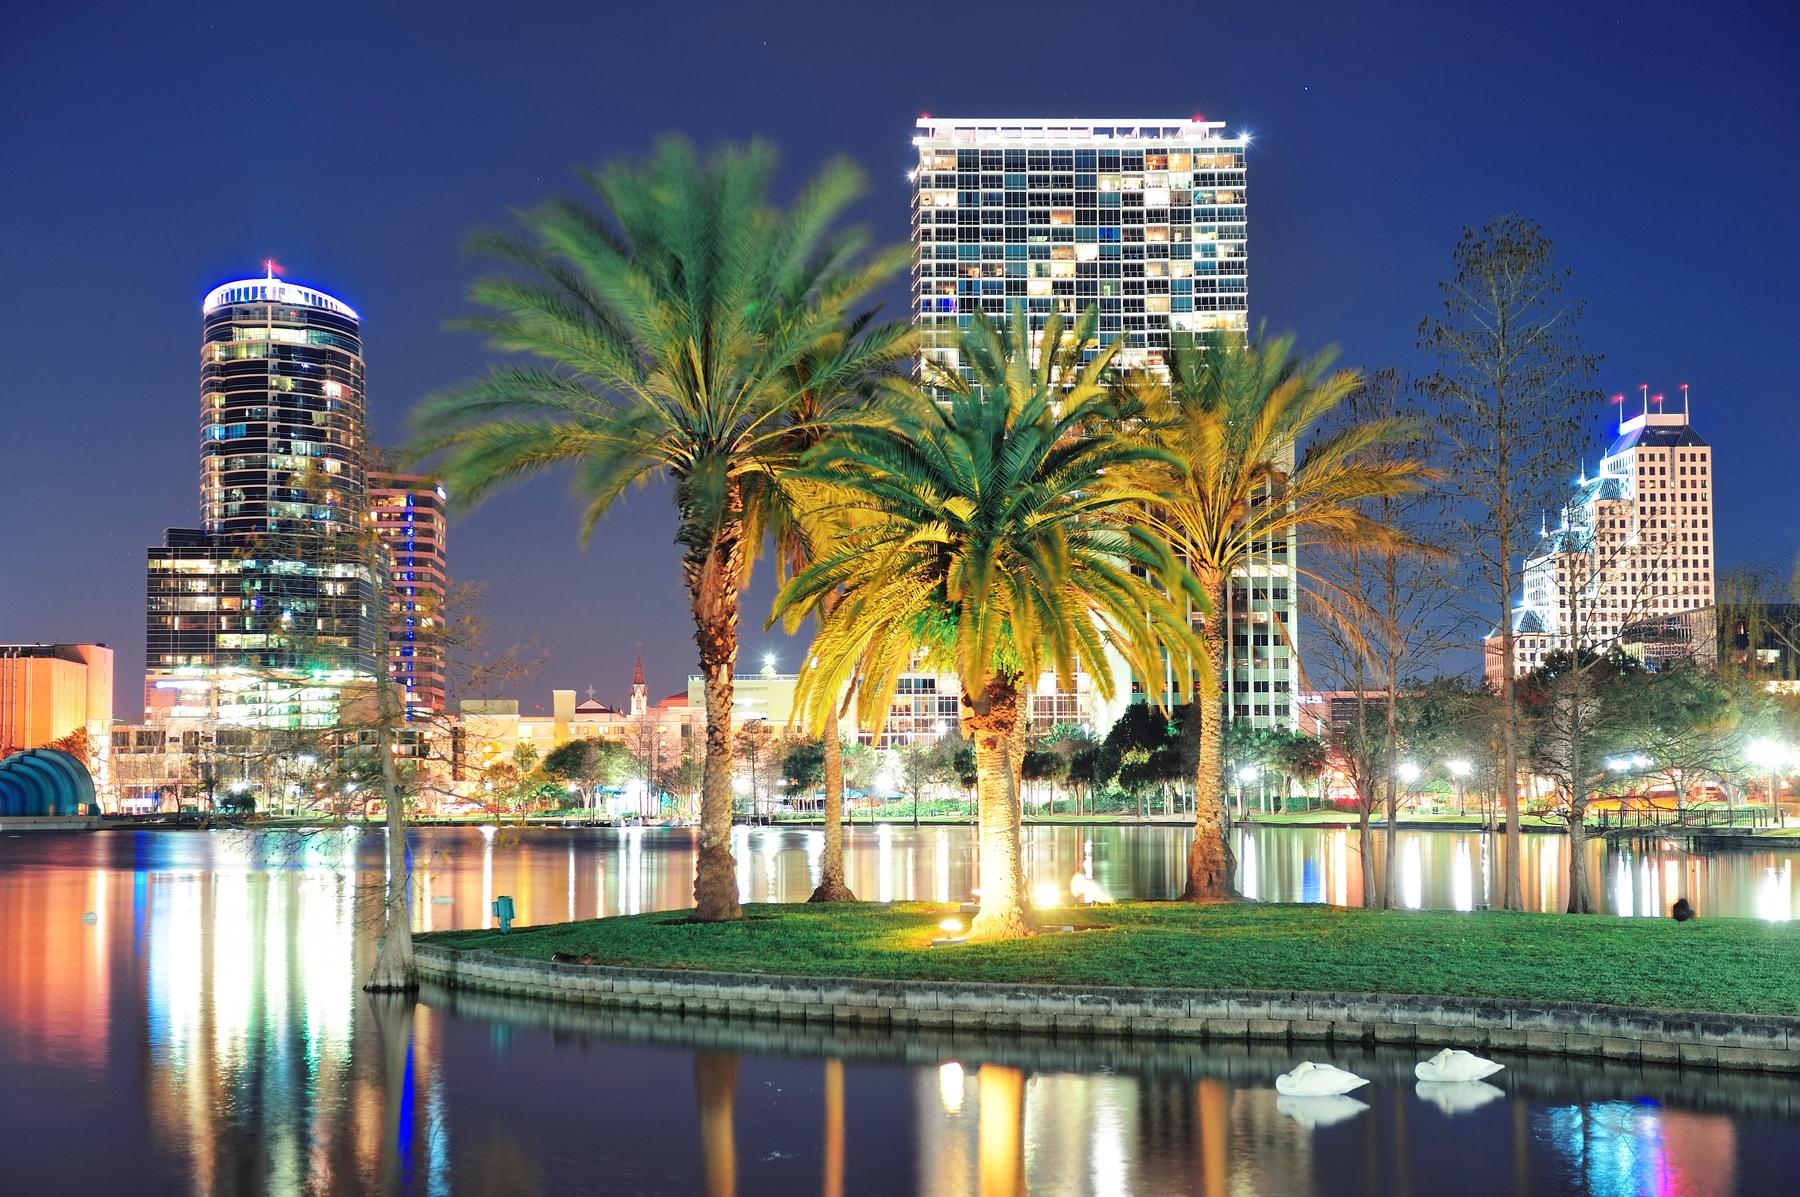 view of Orlando Florida at night